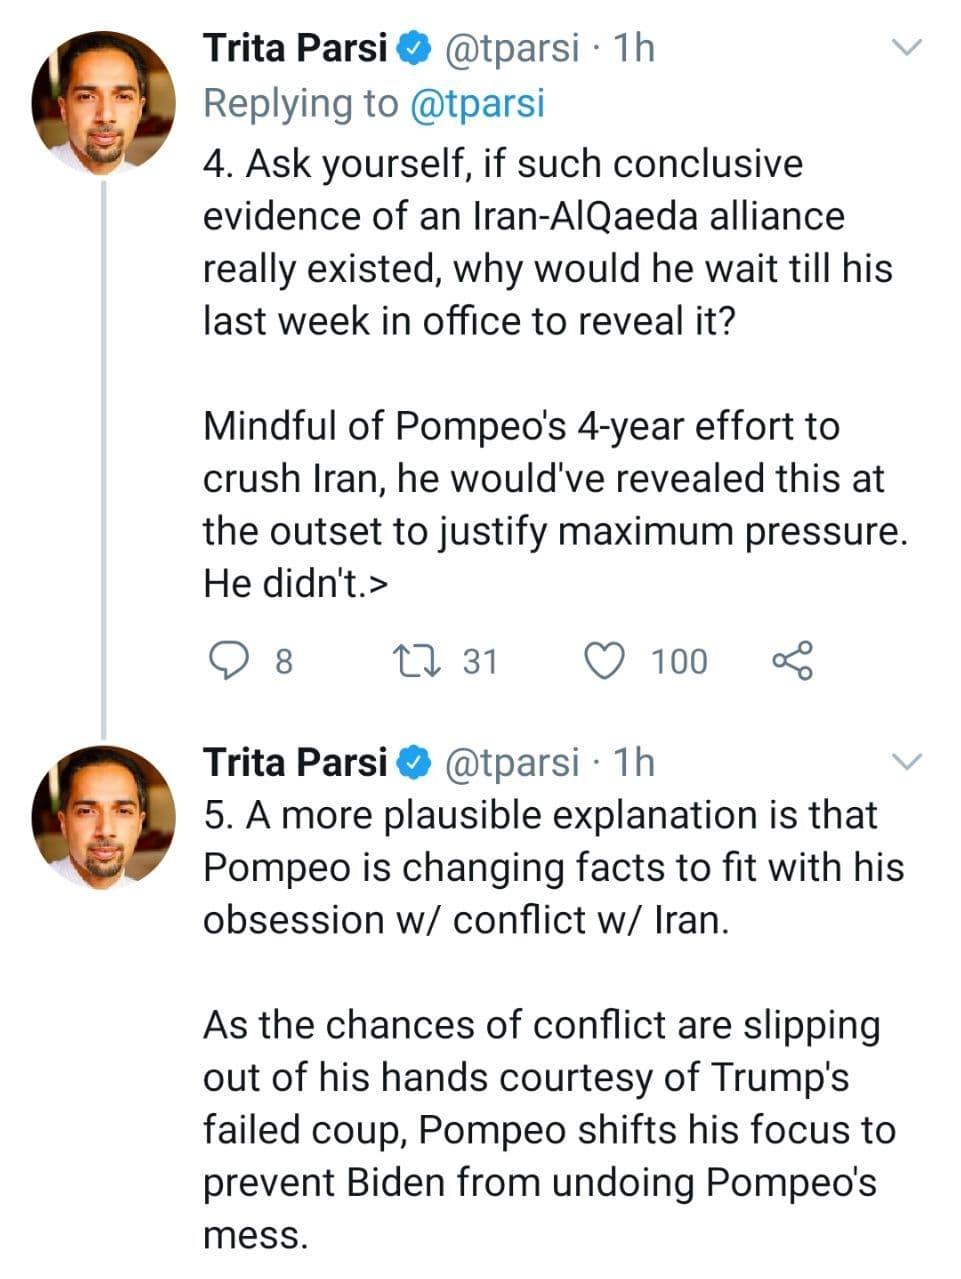 ادعاهای عجیب پمپئو در مورد ارتباط ایران و القاعده/واکنش شدیدالحن ظریف/